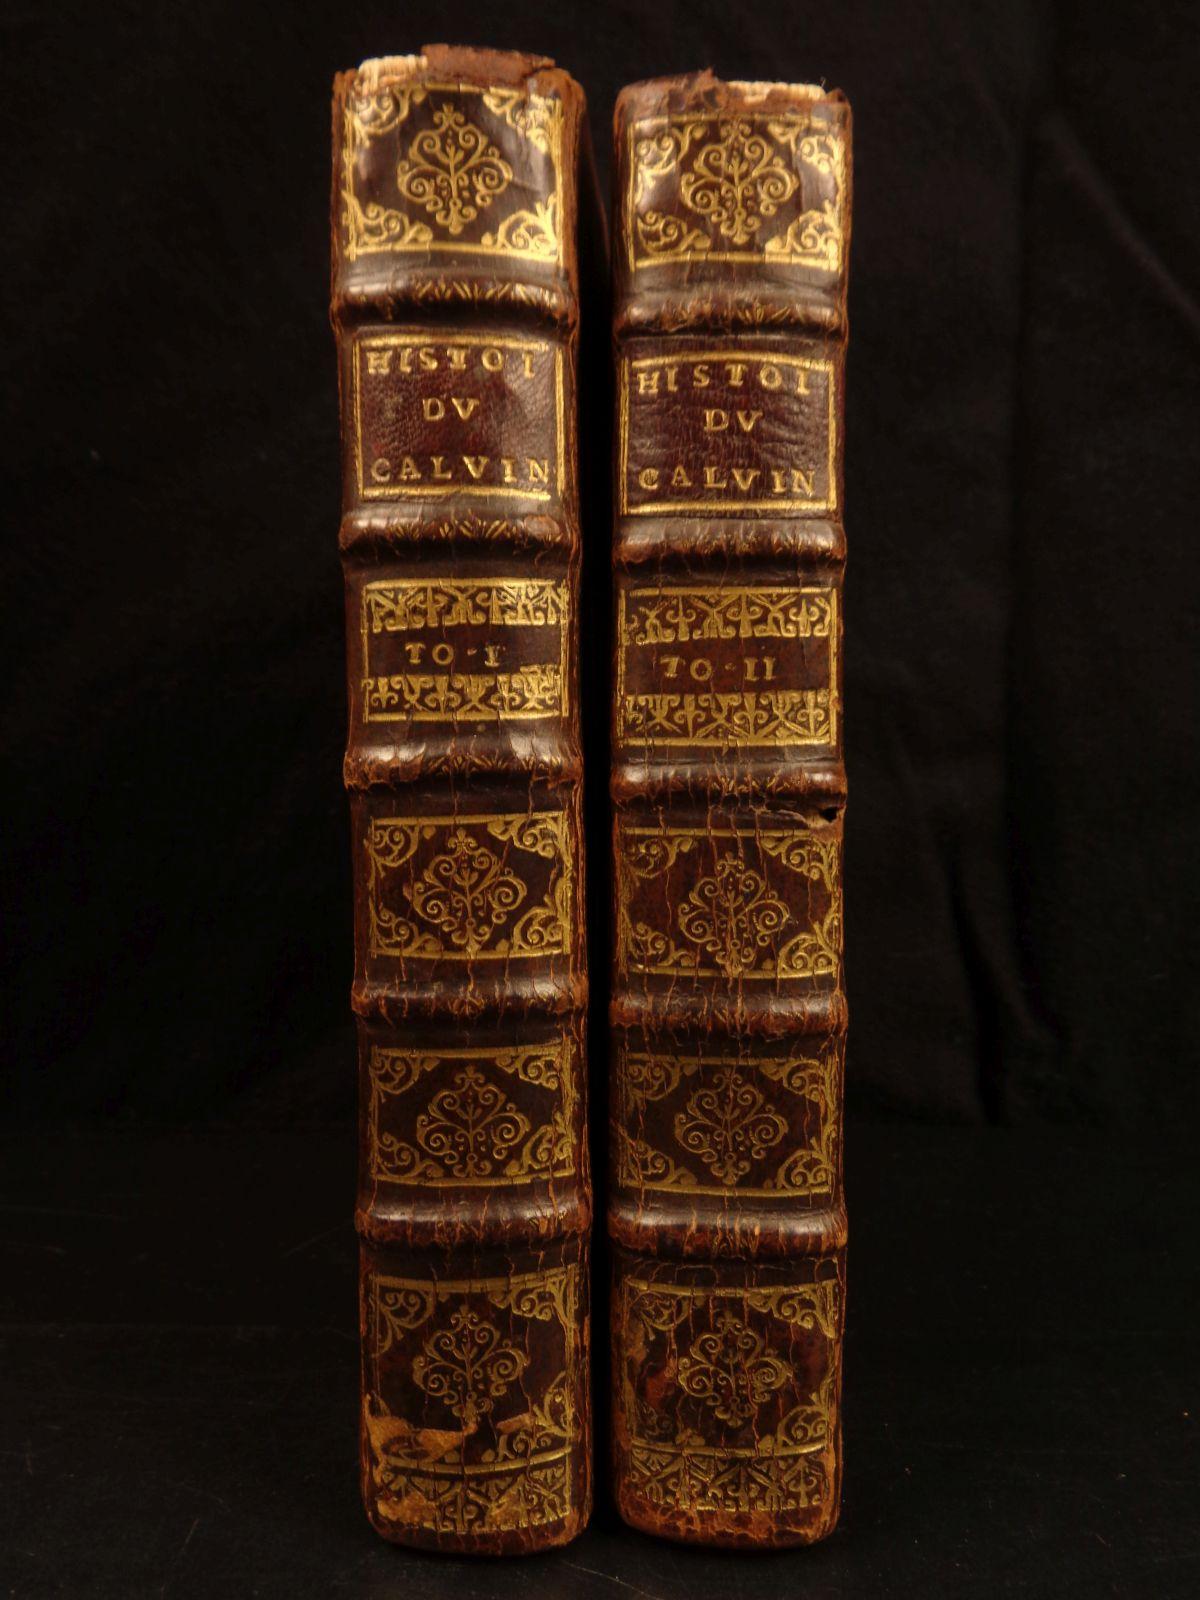 1st Ed. Antiquarian Rare Leather-bound Materia Medica and Therapeutics Royle 1847